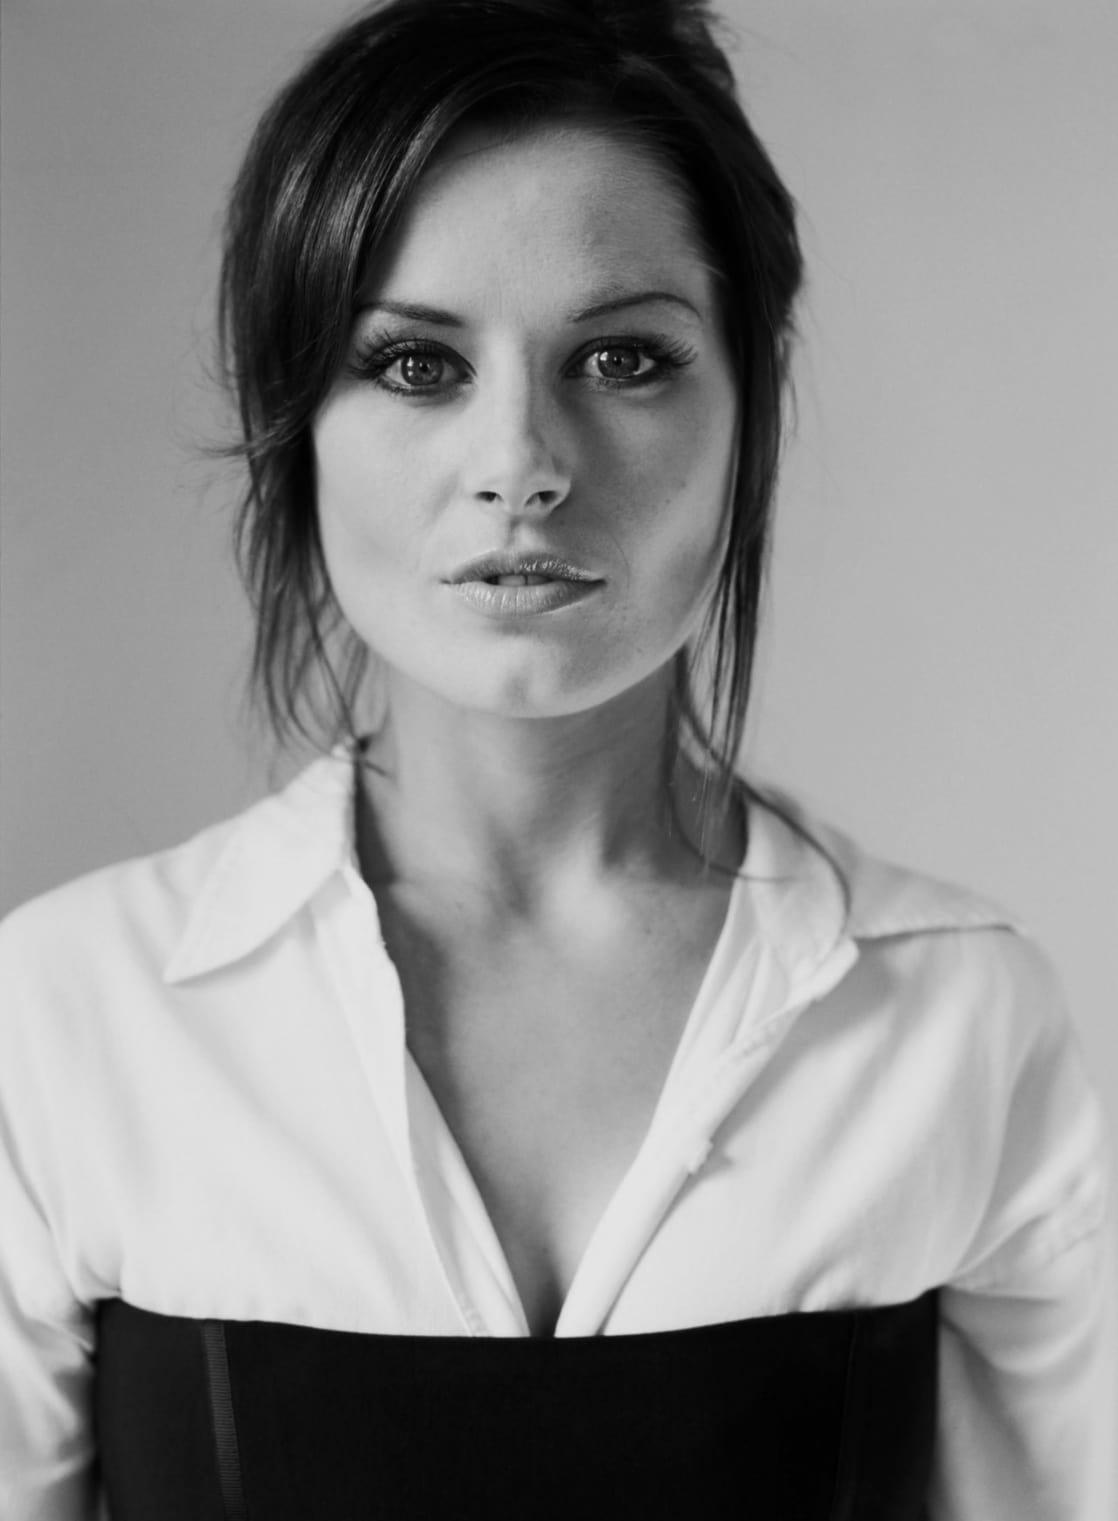 Madeleine West